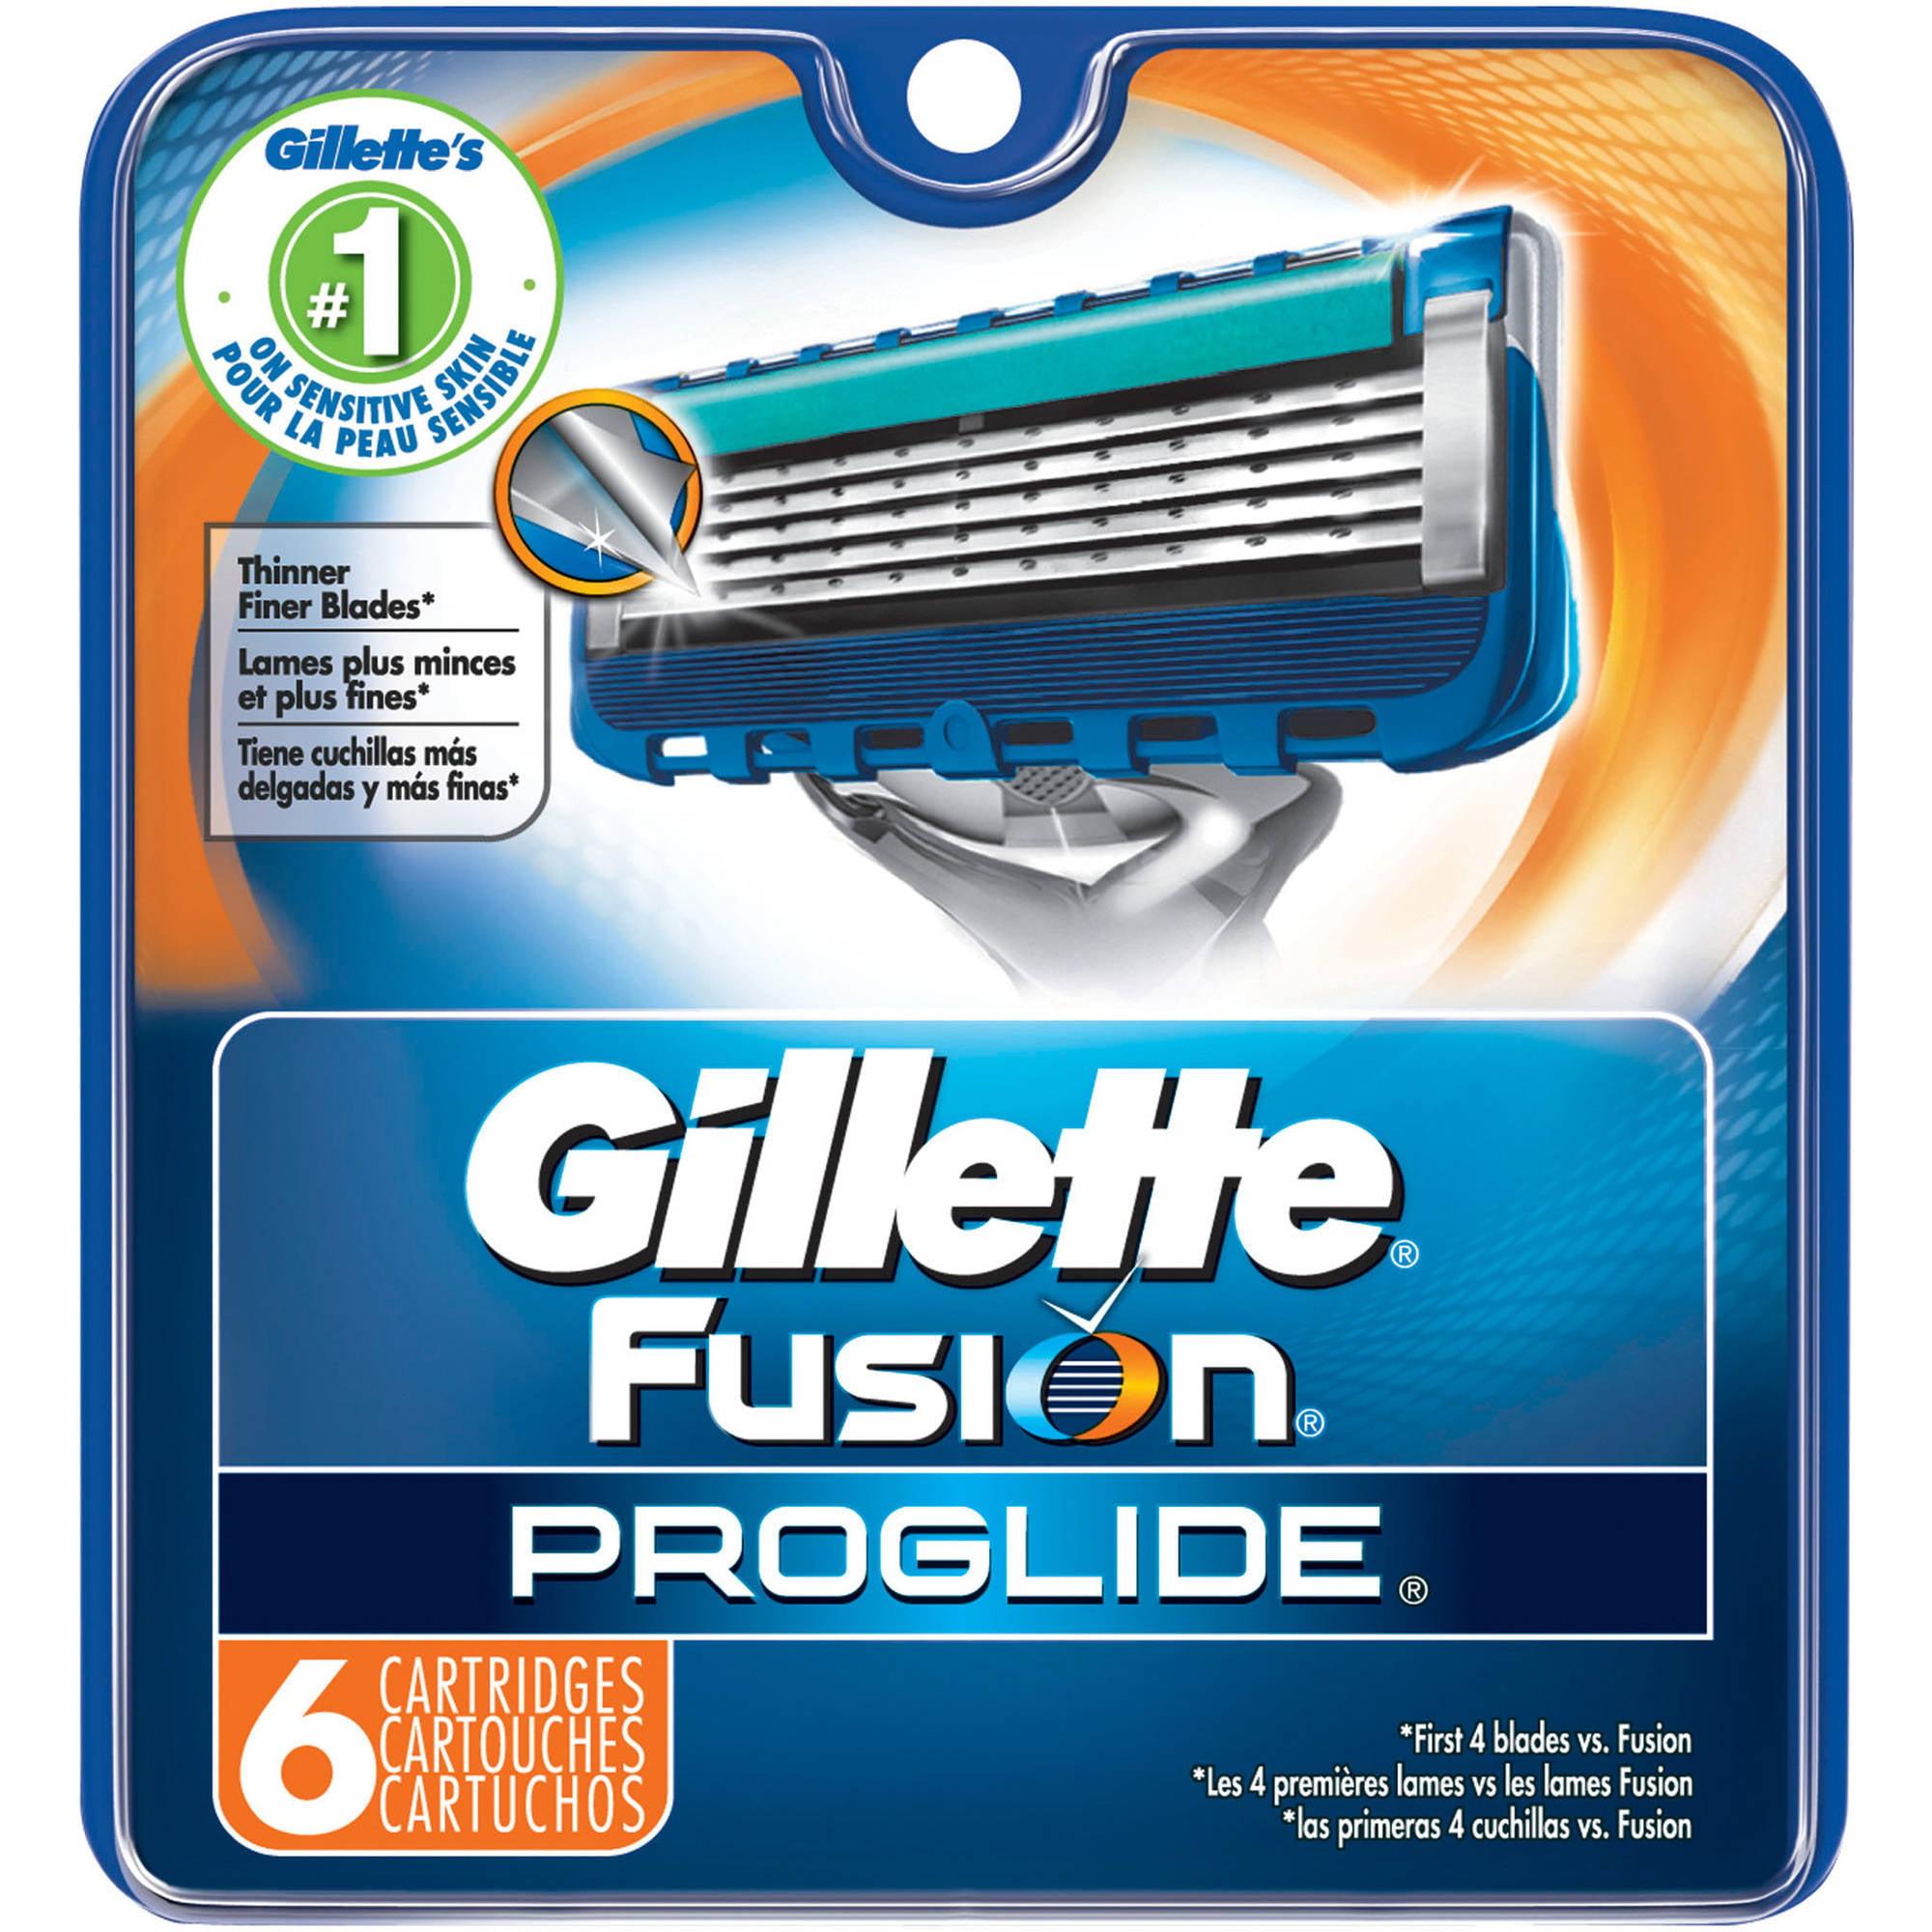 Gillette Fusion ProGlide Razor Cartridge Refills, 6 count